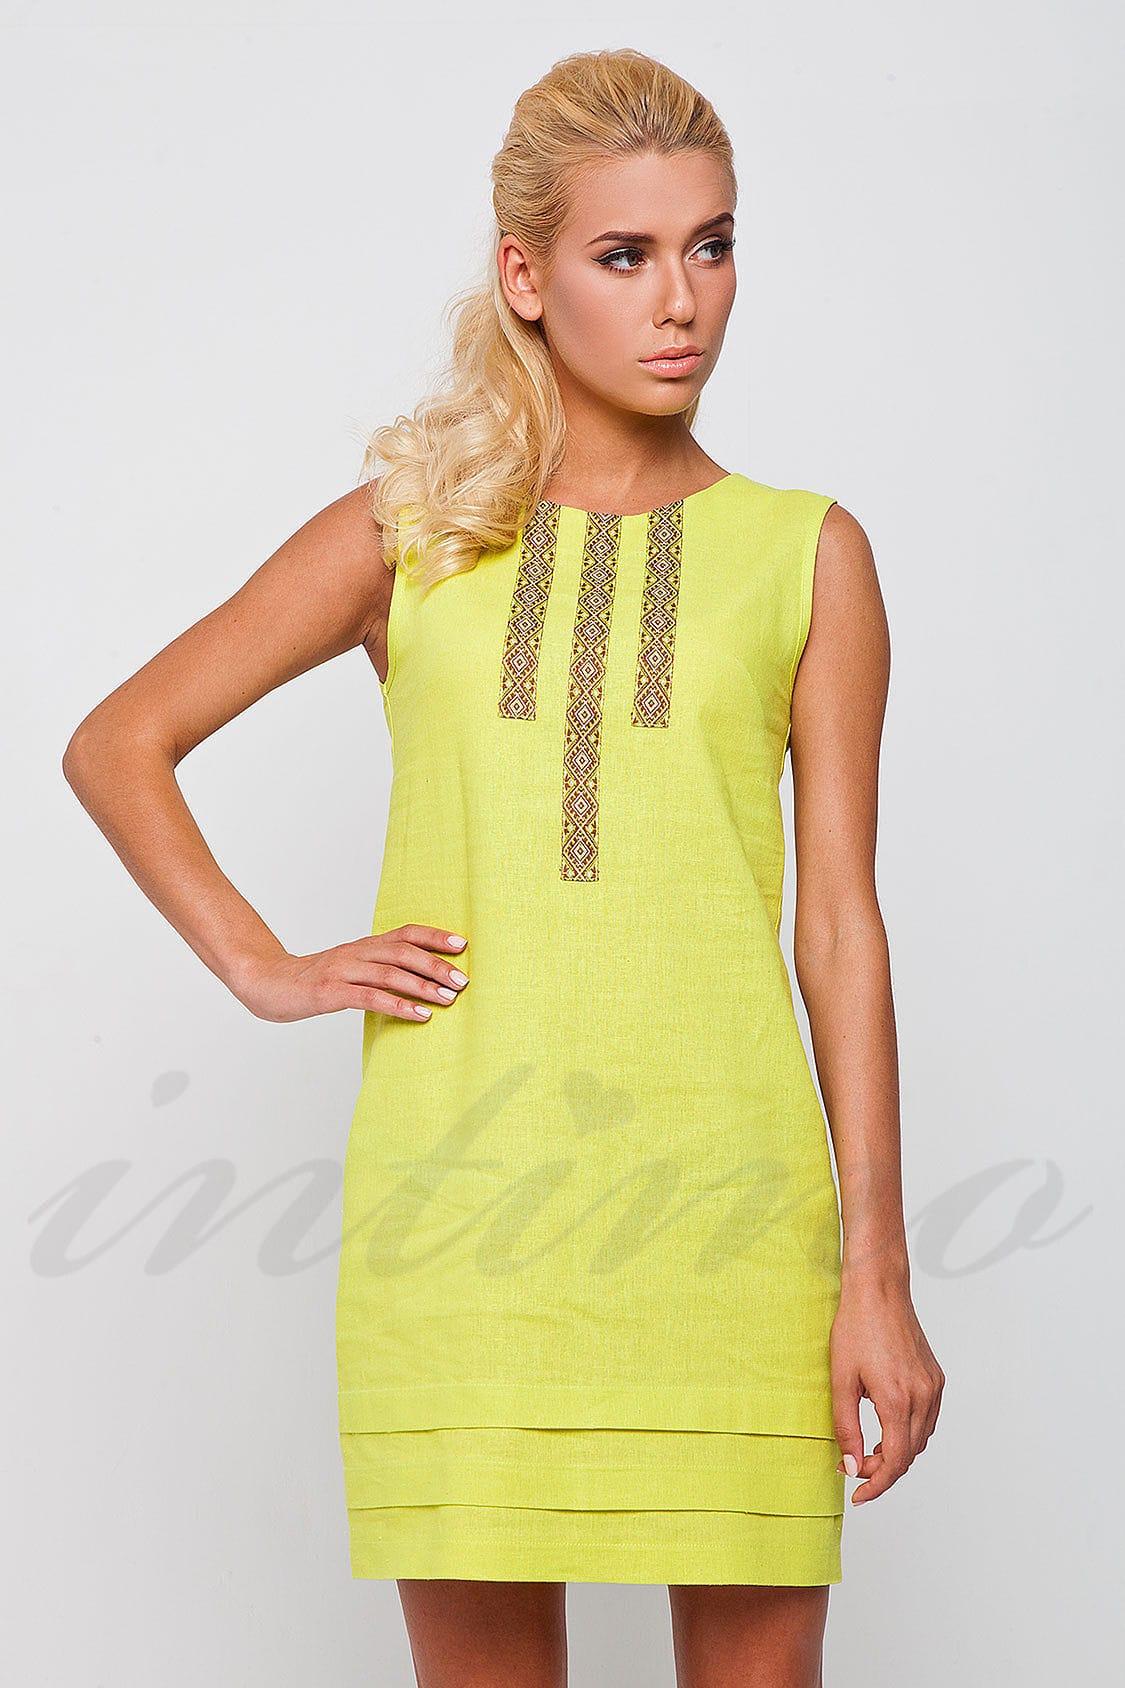 9c490ccbab93 Платье, лён Nenka N173 (35369) цена в Киеве, женская одежда купить в ...